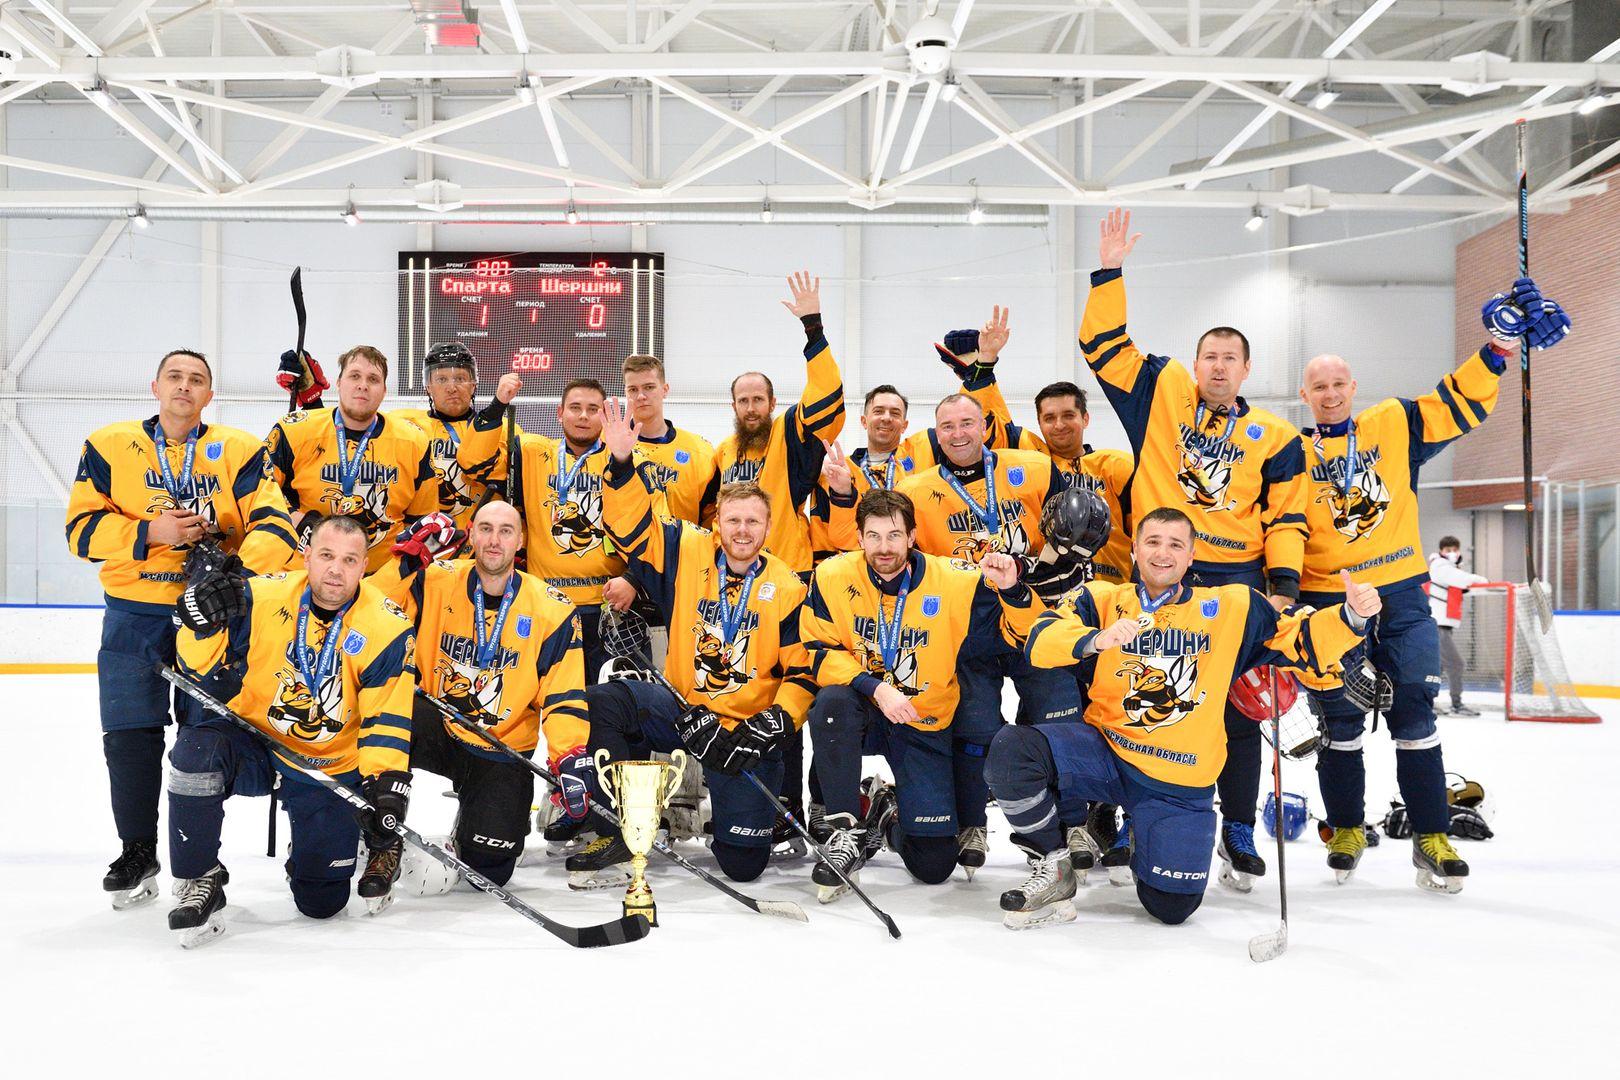 Хоккейная Лига «Трудовые Резервы» проведет самый крупный предсезонный турнир среди любительских команд